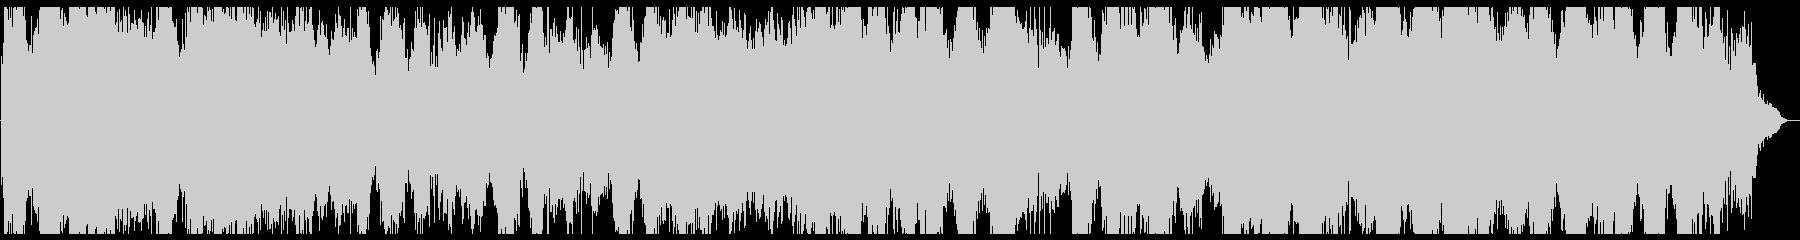 アンビエント ランドスケープ チルアウトの未再生の波形